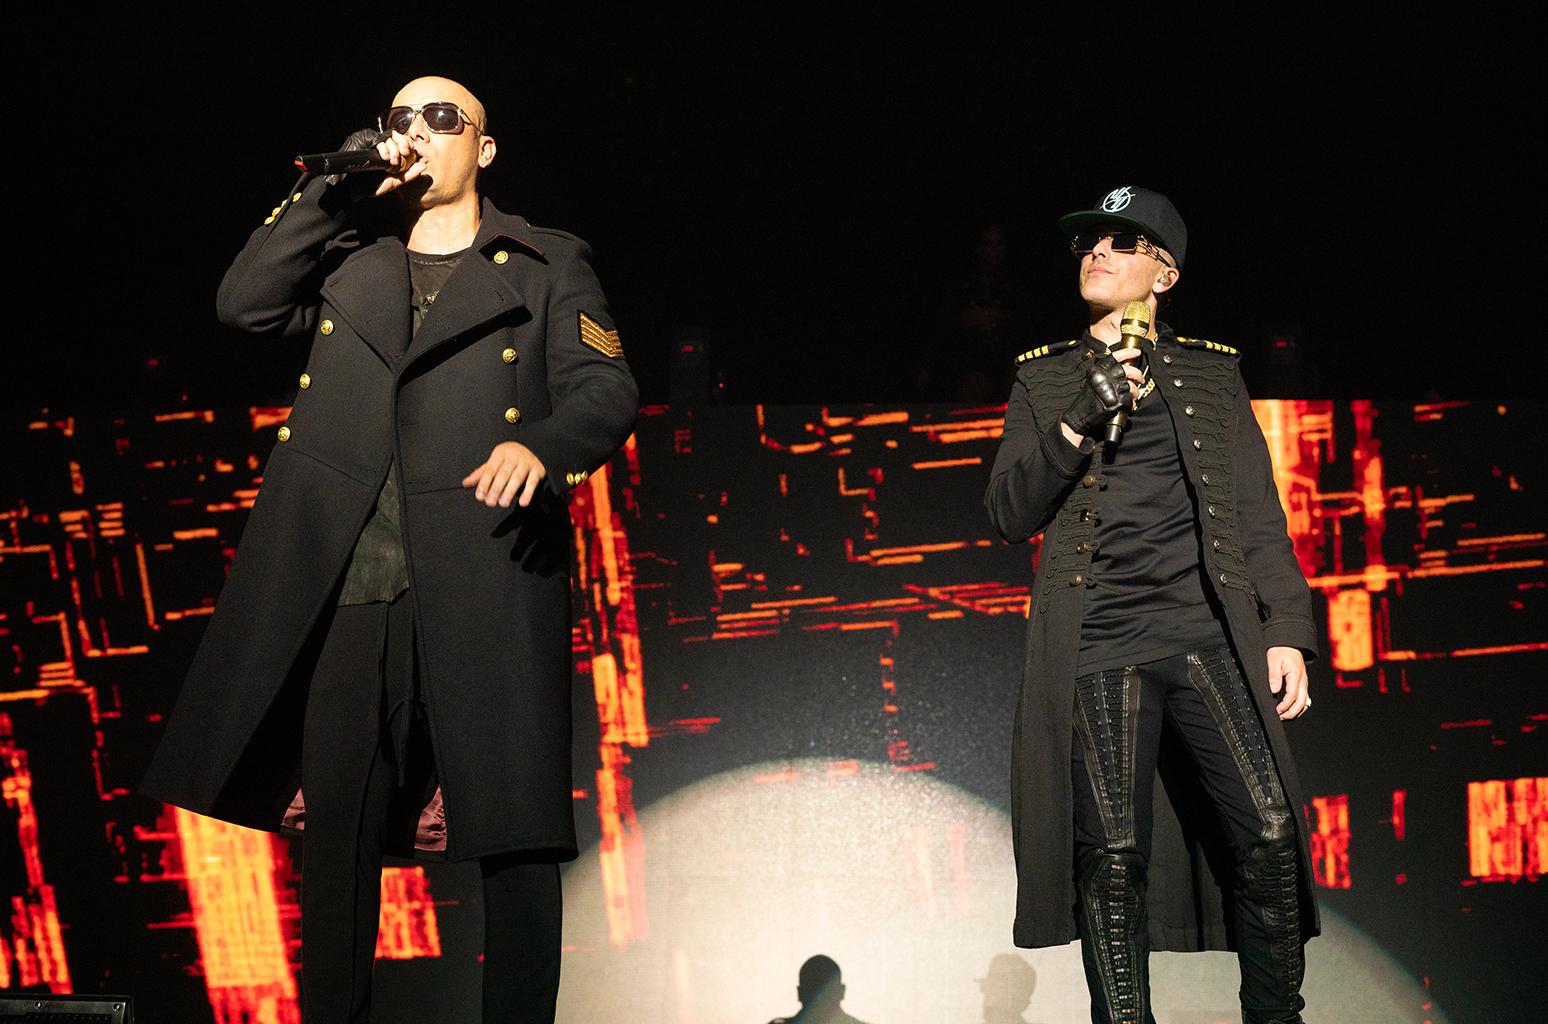 Wisin y Yandel con invitados de lujos en el choliceo, Maluma, Ricky Martin, Daddy Yankee y más.